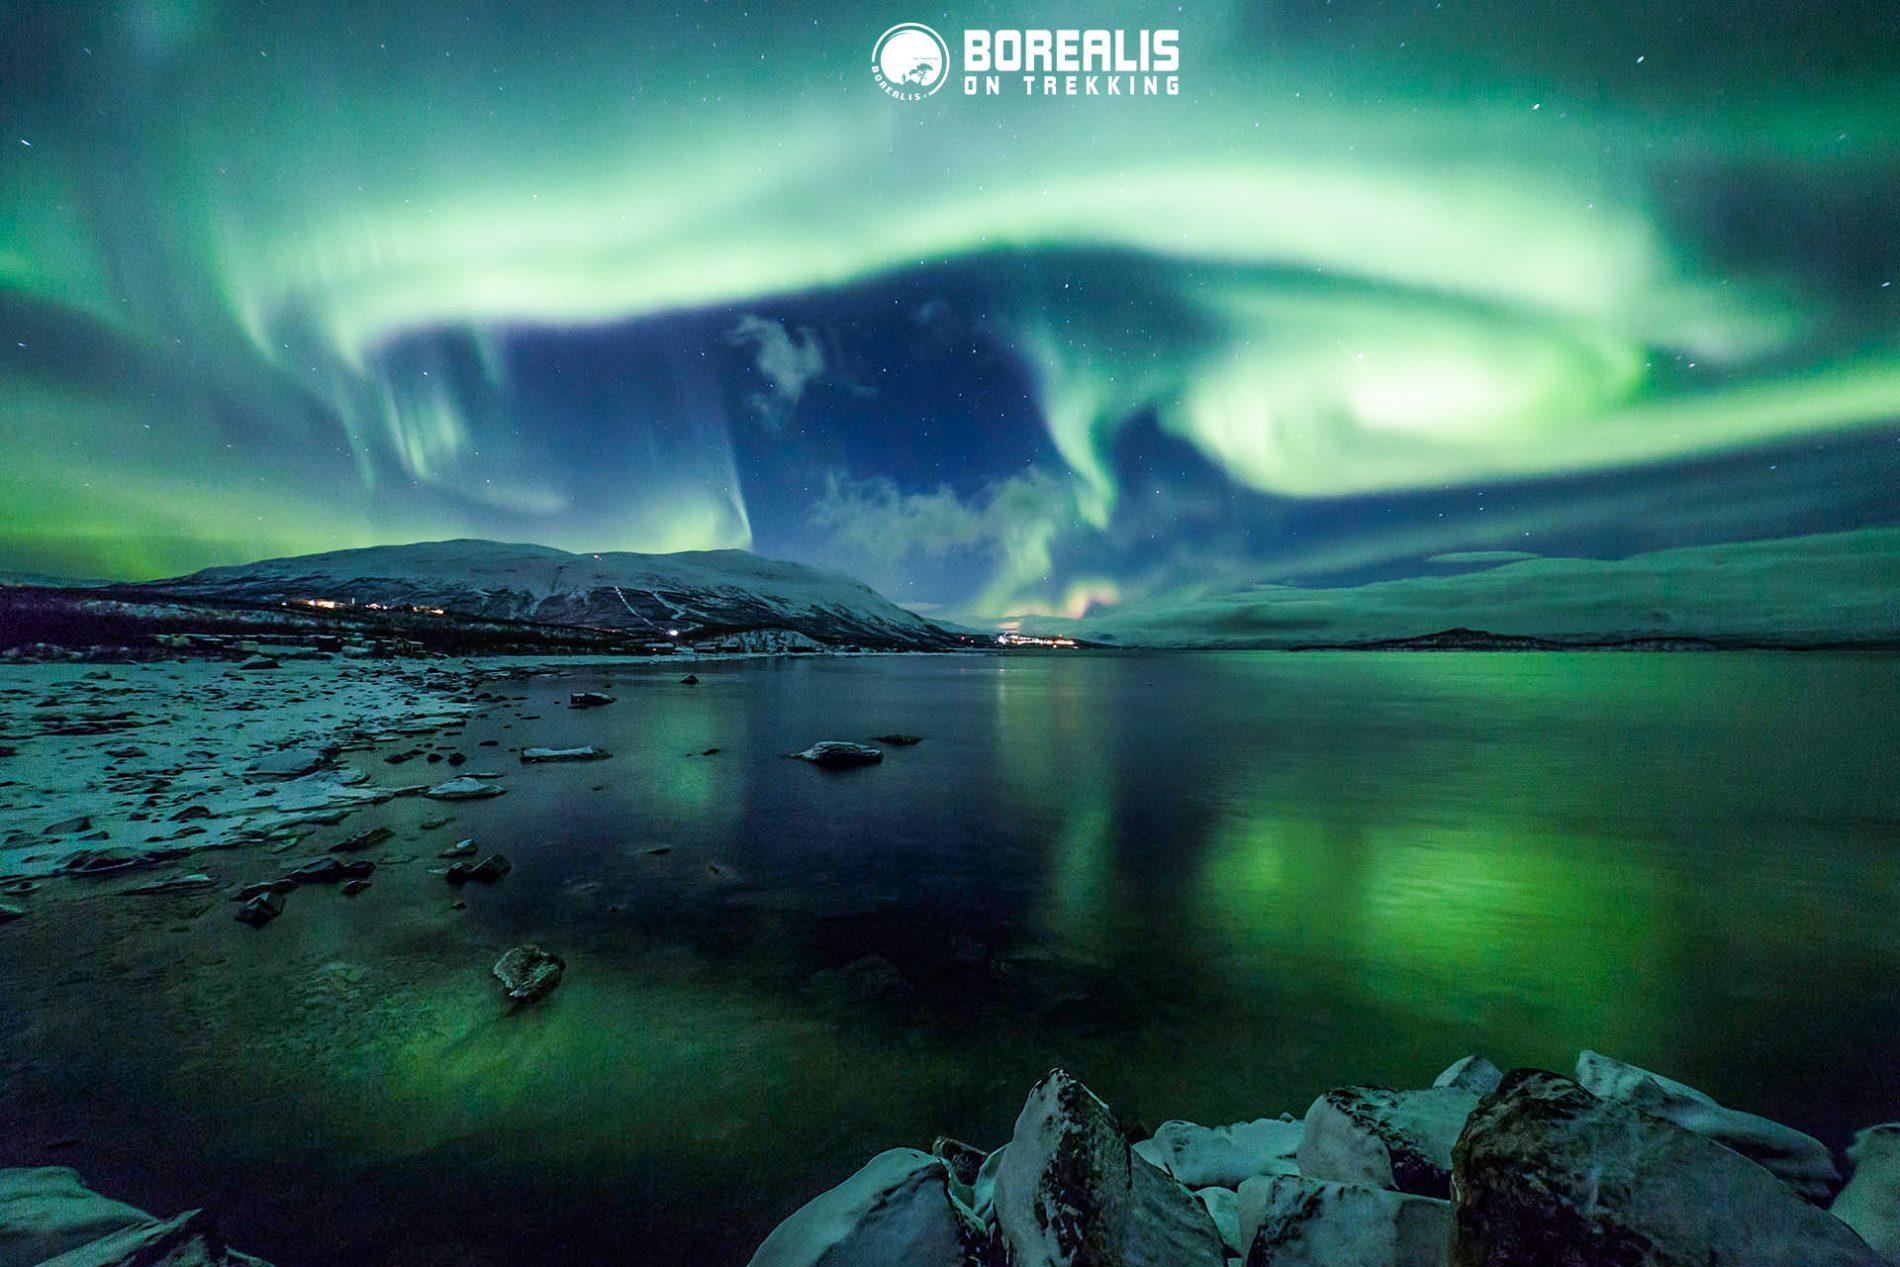 lago Torneträsk Expedição Aurora Boreal Parque Nacional de Abisko Lapónia Borealis on trekking